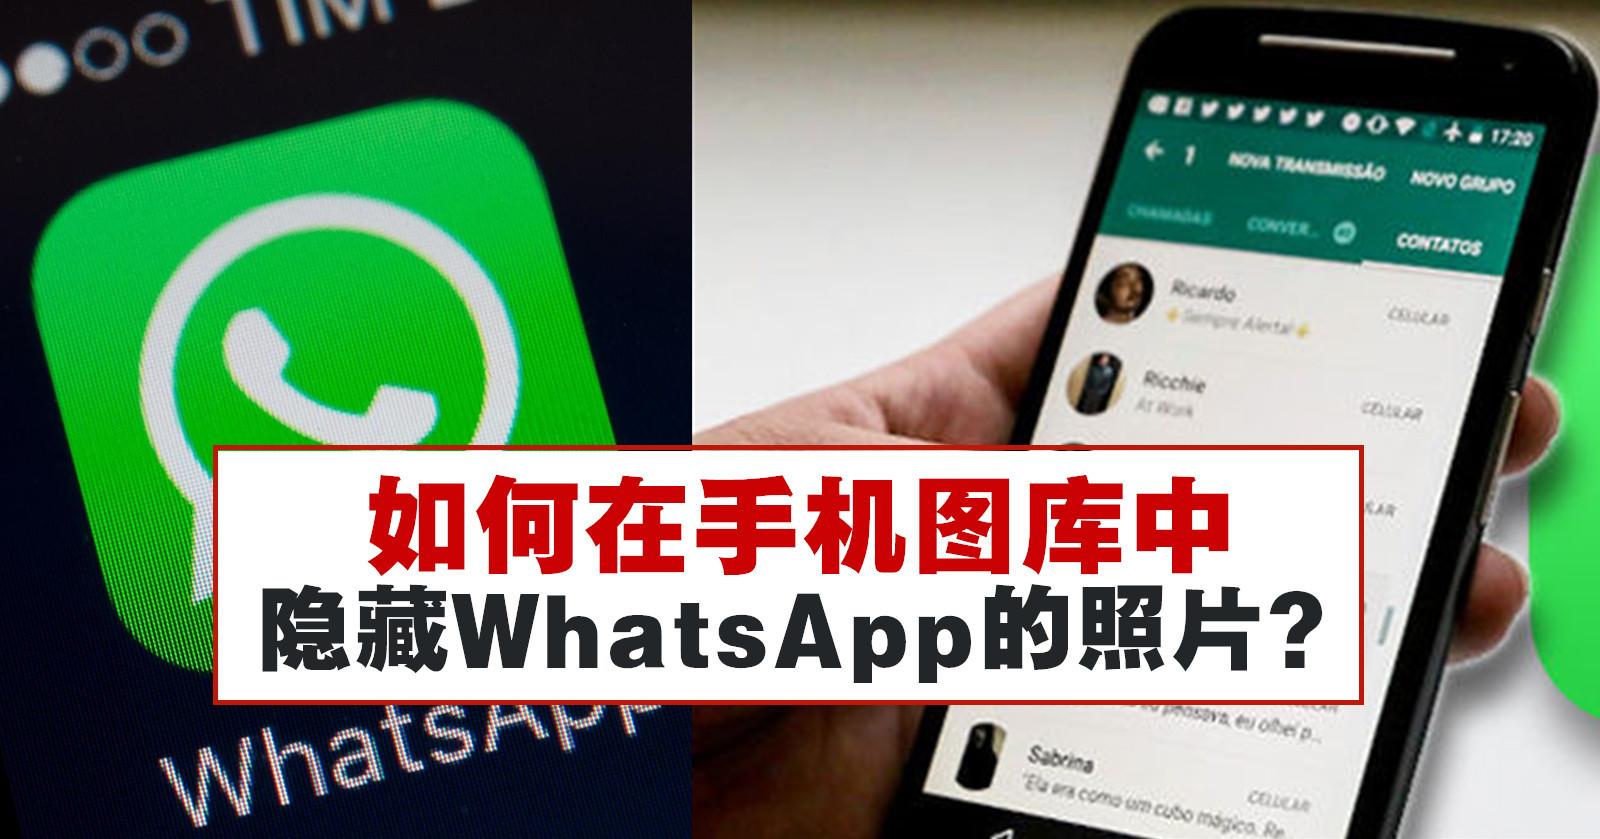 如何在手机图库中隐藏WhatsApp的照片?